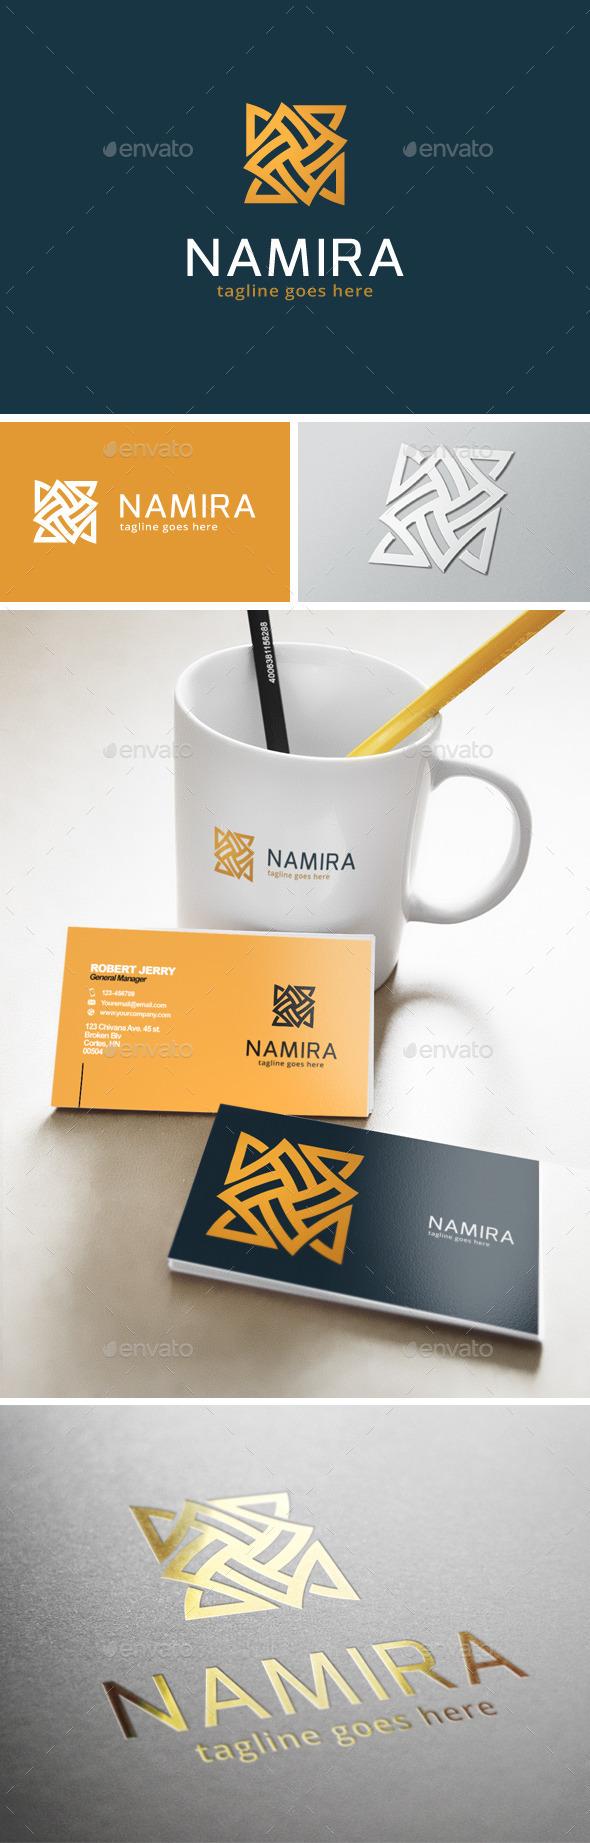 Namira Logo - Abstract Logo Templates